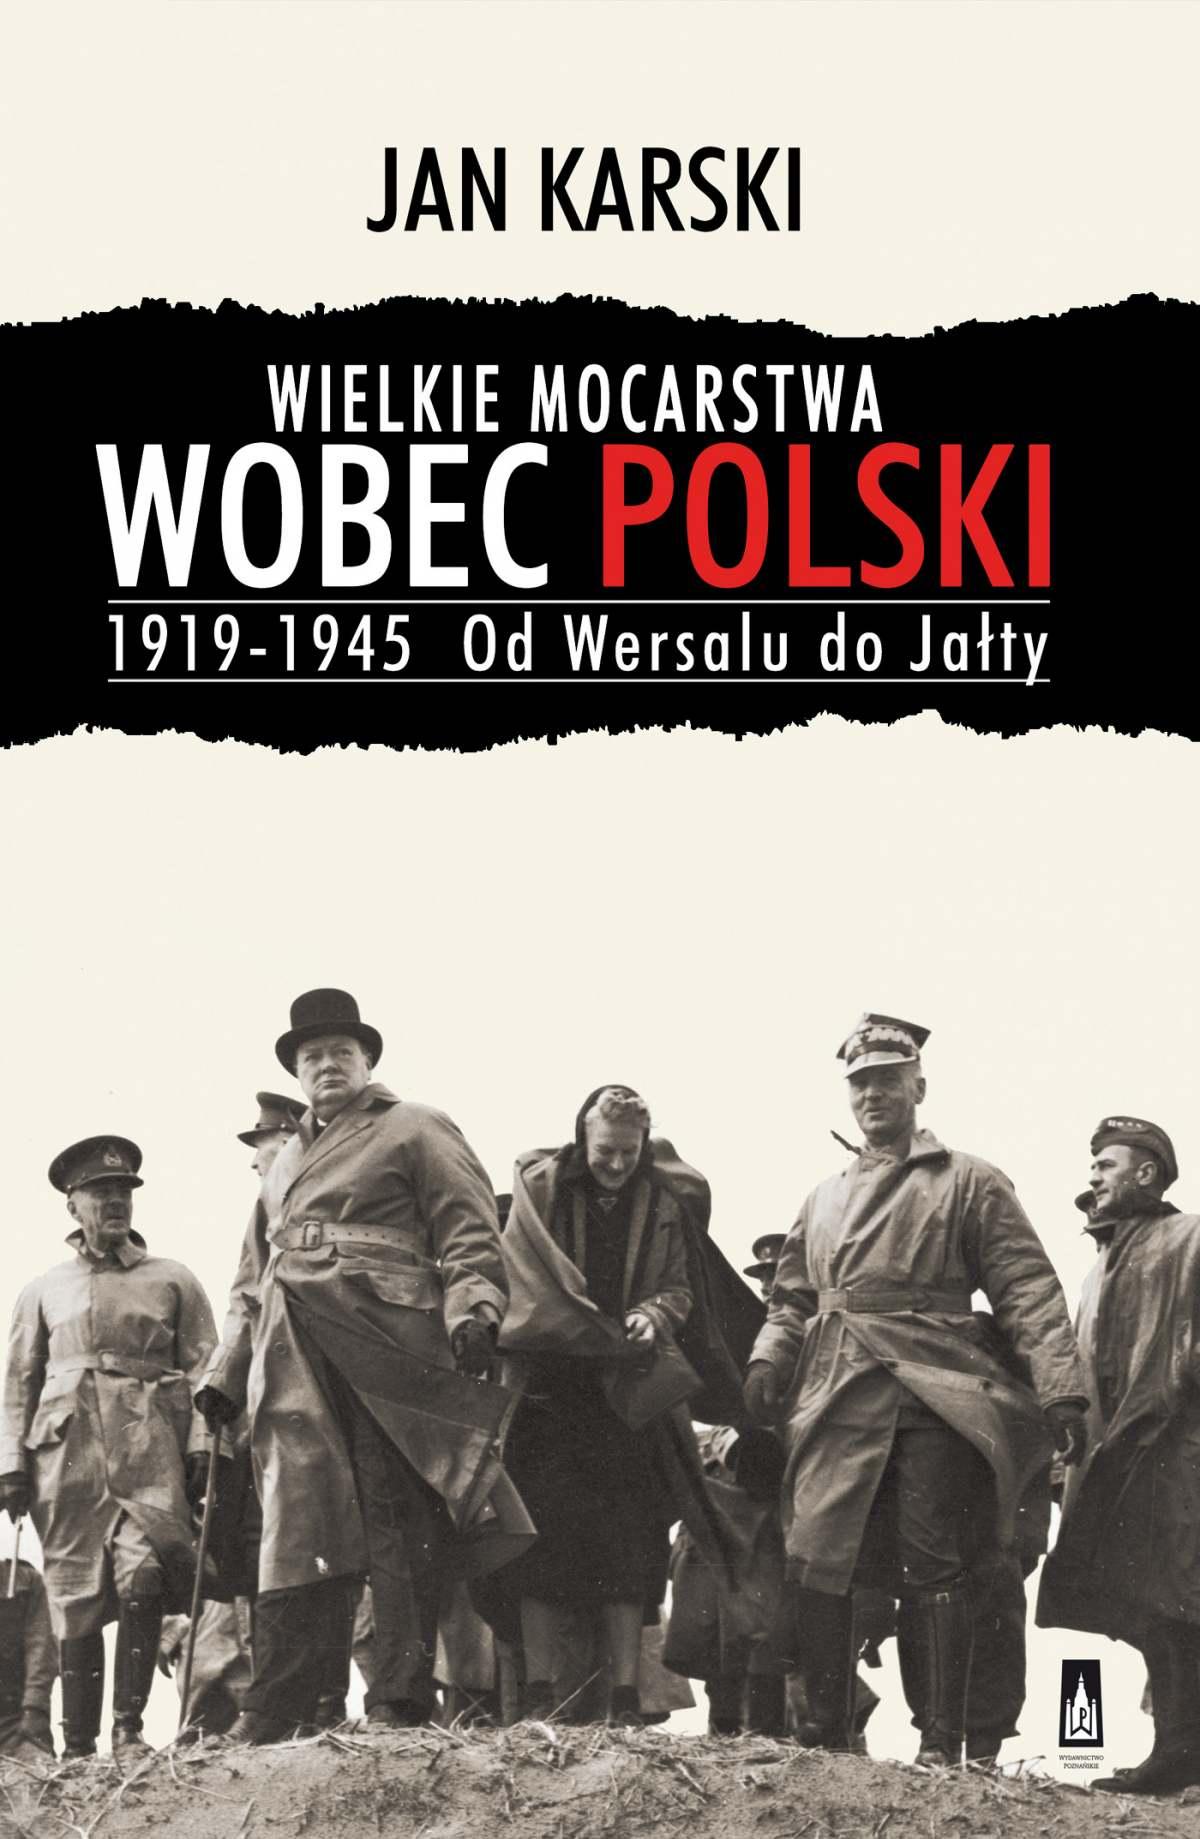 Wielkie mocarstwa wobec Polski 1919-1945. Od Wersalu do Jałty - Ebook (Książka na Kindle) do pobrania w formacie MOBI